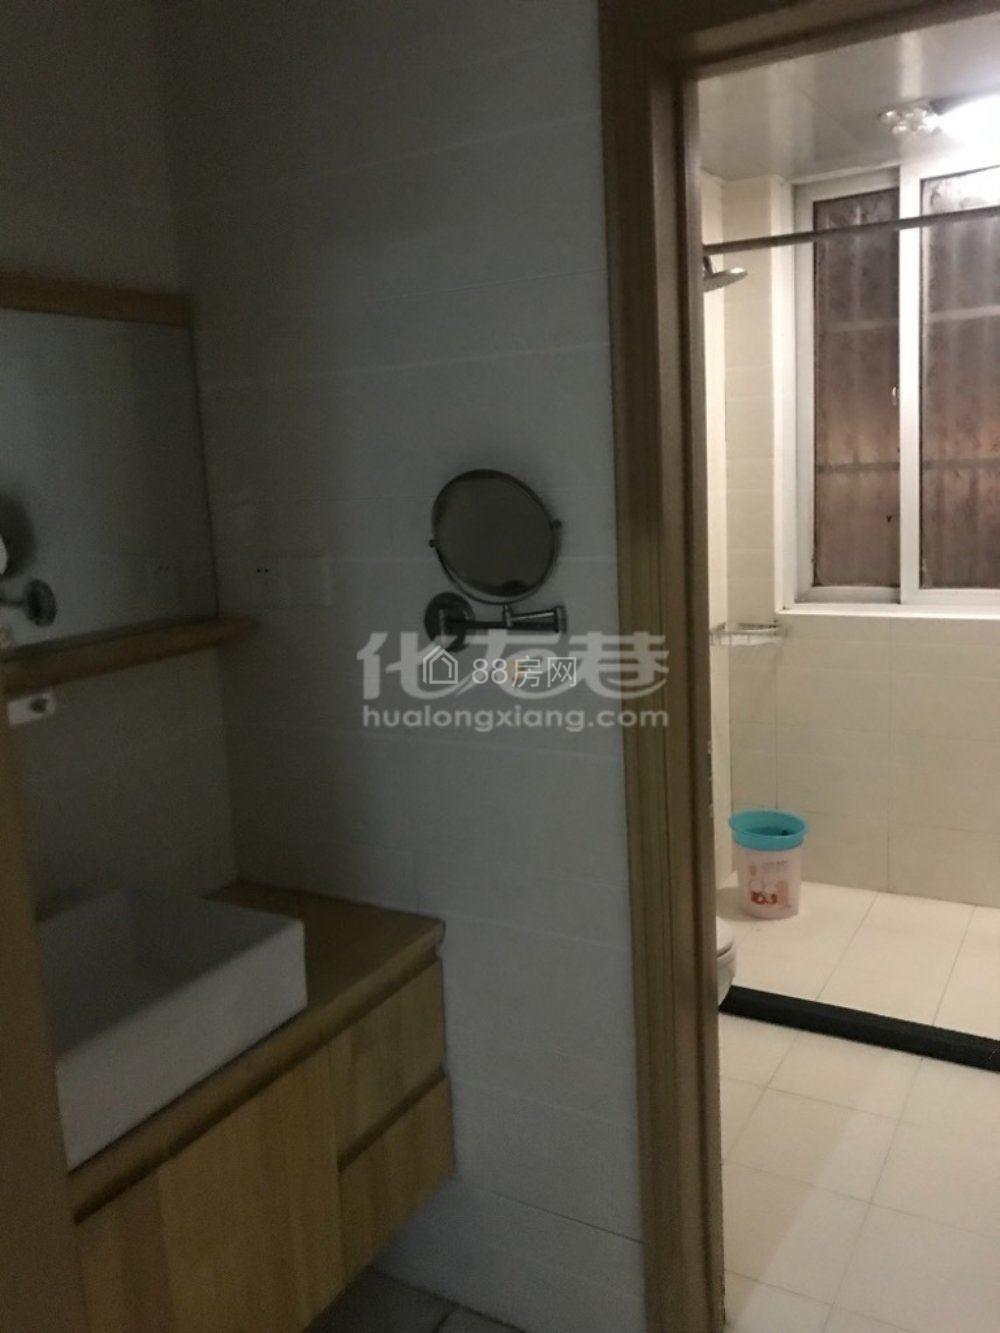 恐龙园附近的香树湾名苑3室120平米1600元电梯房出租